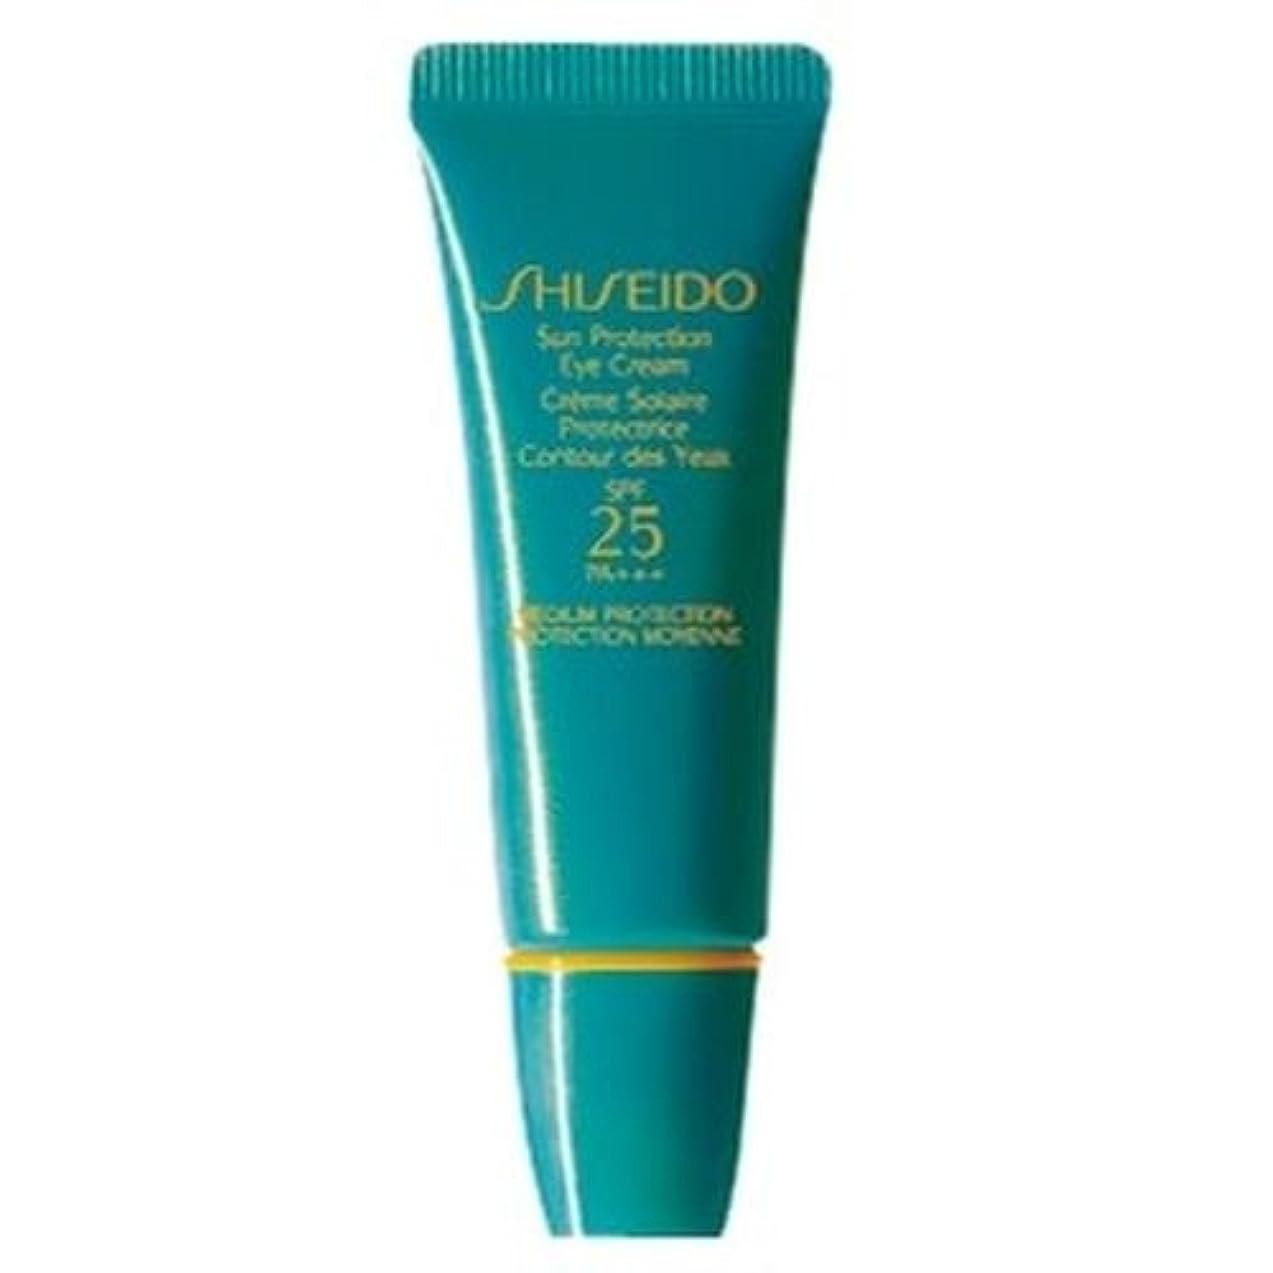 伝統ベアリング適度な[Shiseido] 資生堂サンプロテクションアイクリーム15ミリリットル - Shiseido Sun Protection Eye Cream 15ml [並行輸入品]